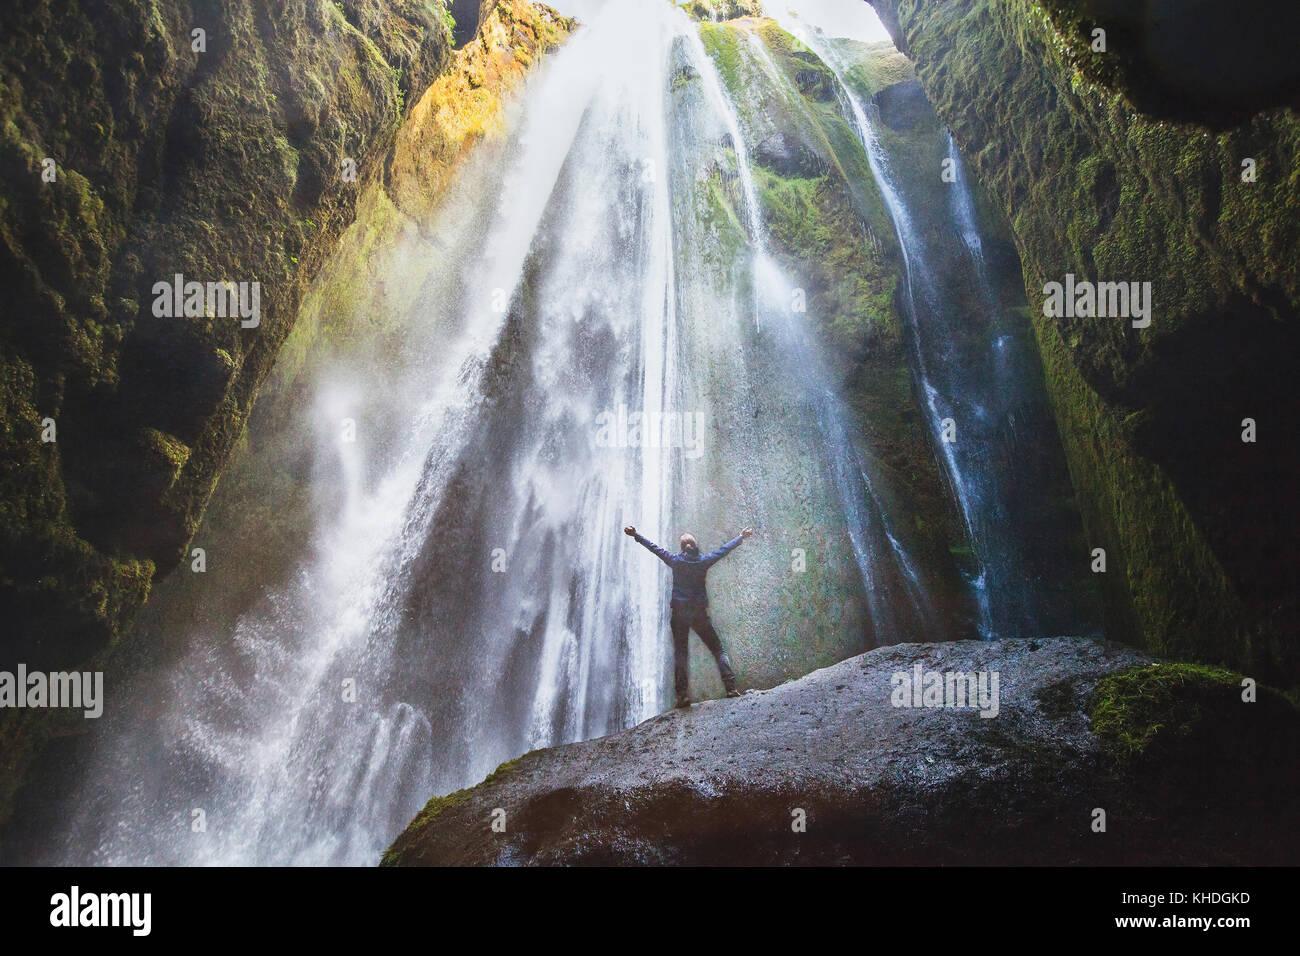 Reisen nach Island, Person mit erhobenen Händen stehen in Wasserfall Gljufrabui, inspirierte Happy Traveler Stockbild